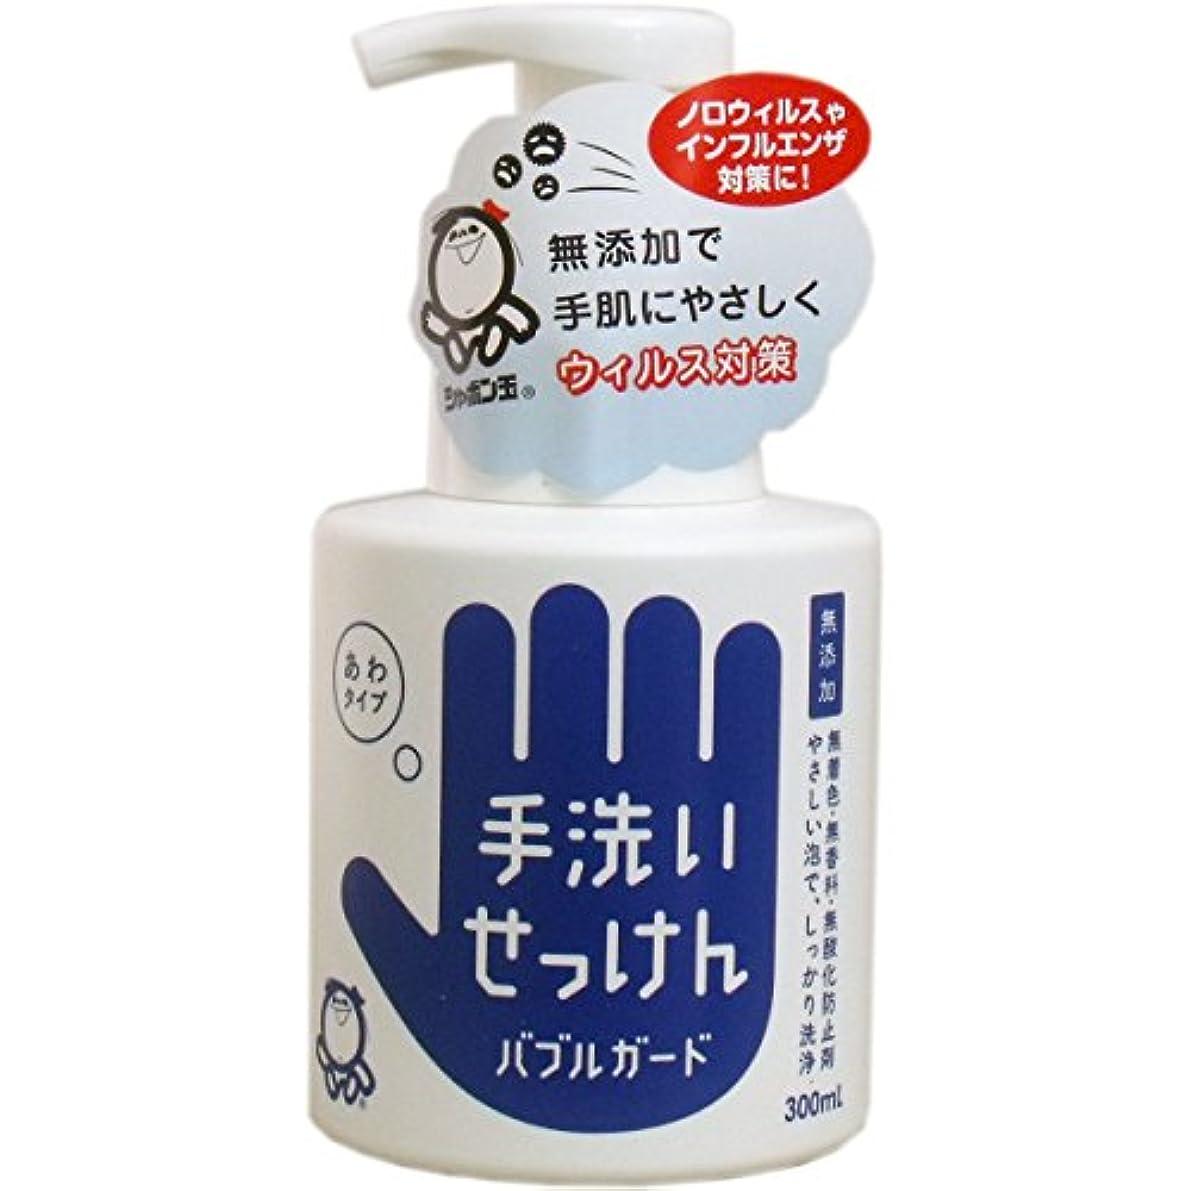 次なめるフェローシップ【まとめ買い】バブルガード ×2セット